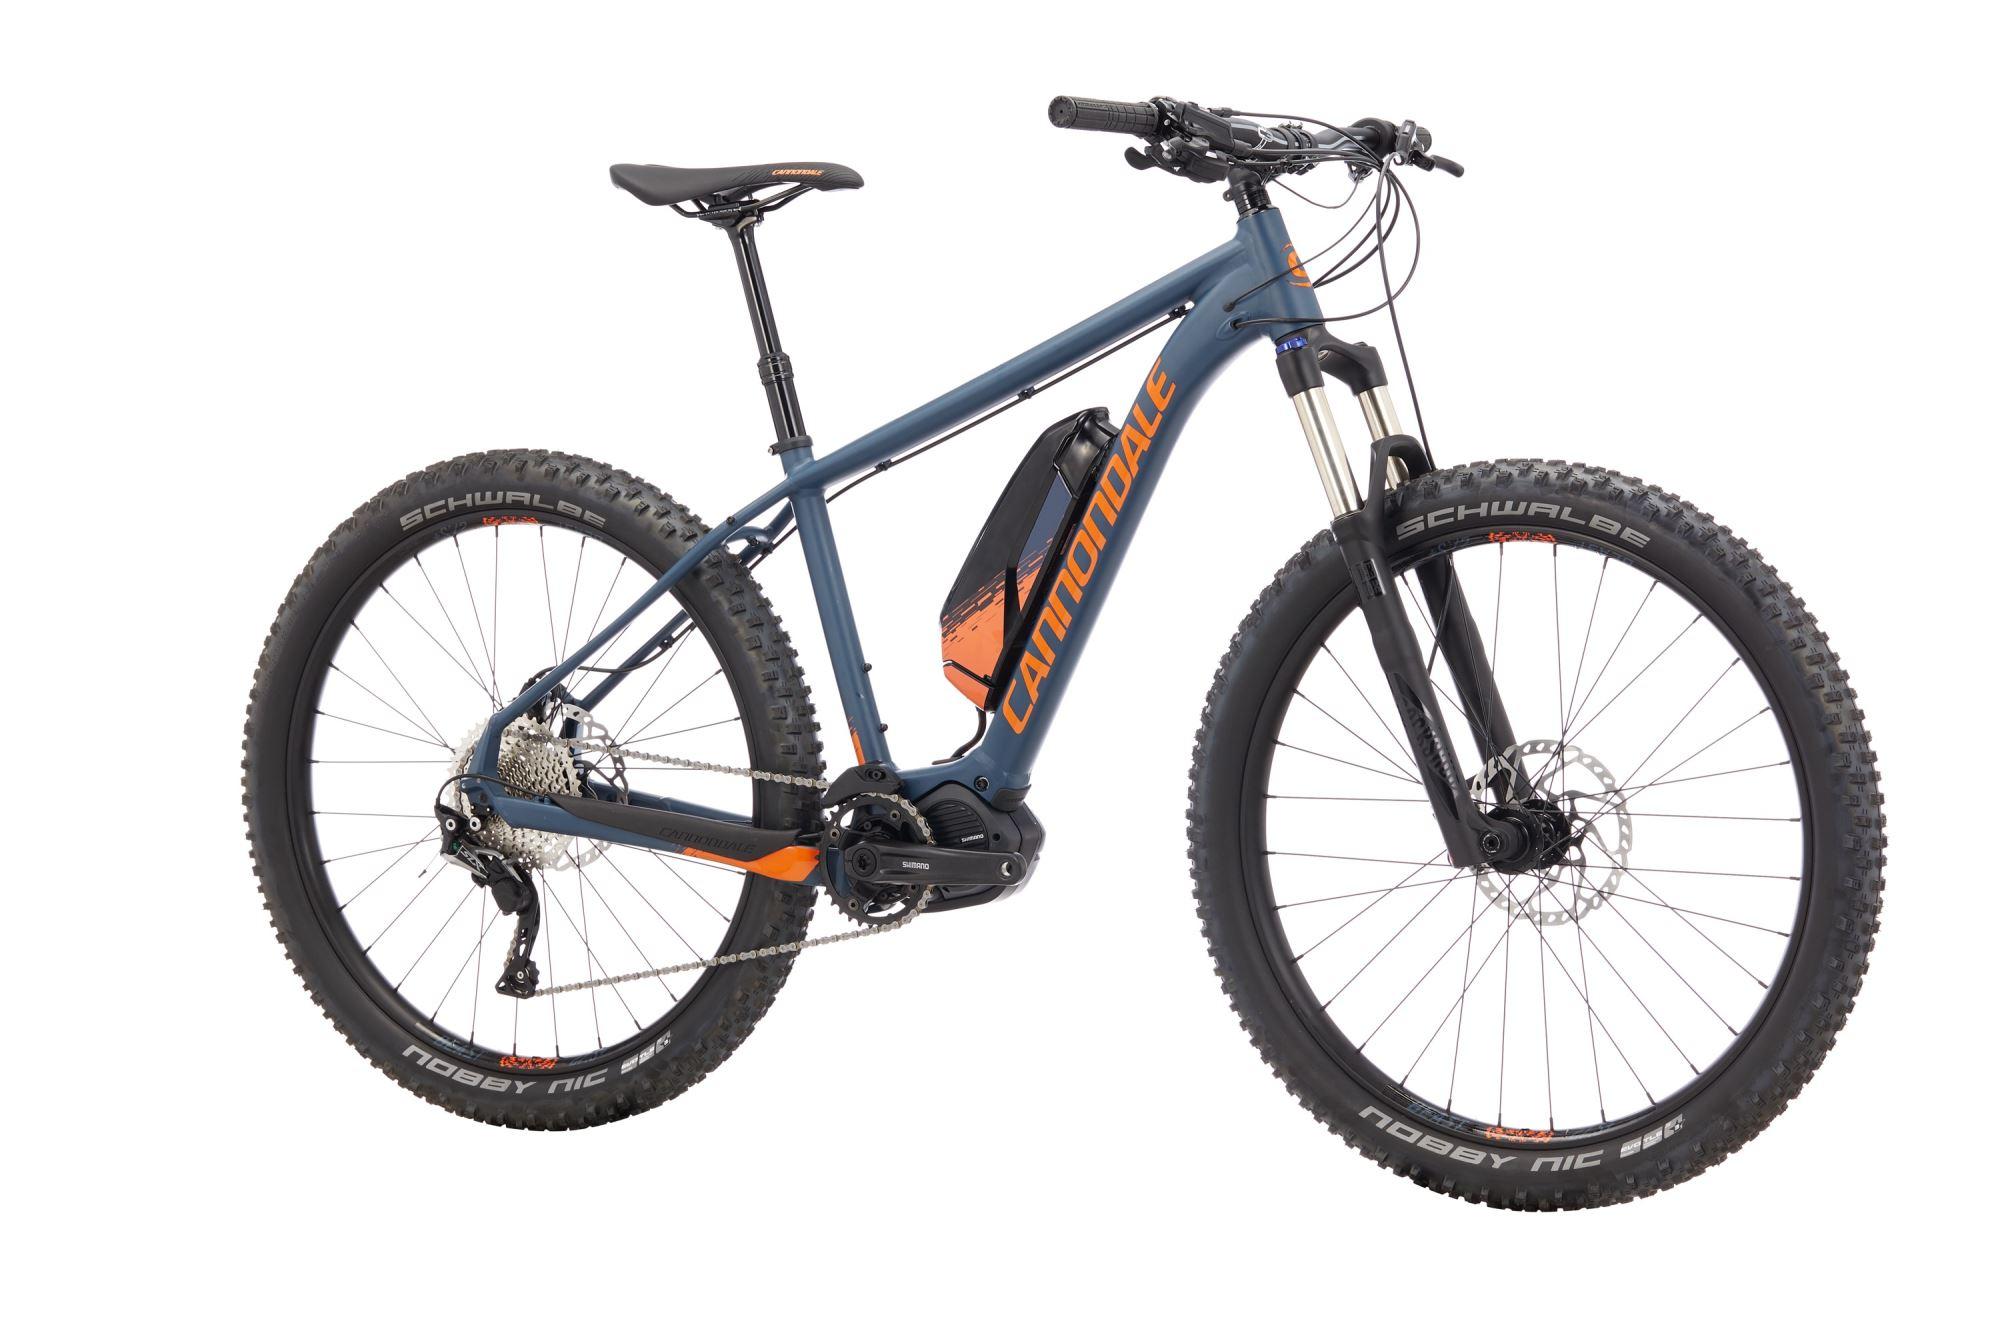 Elektrische fietsverhuur, 1 dag